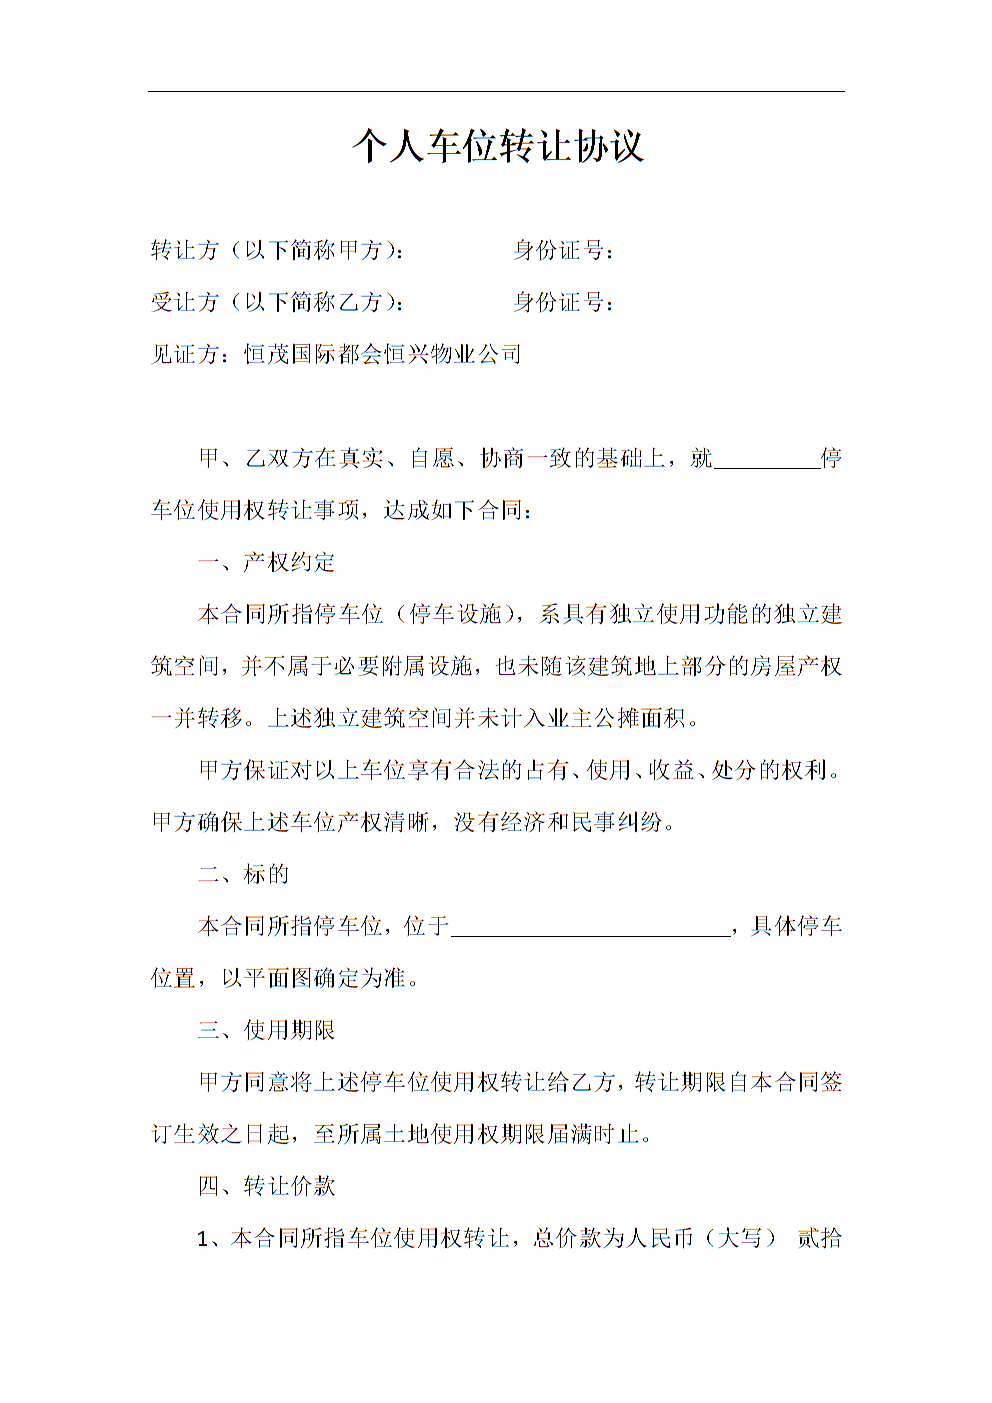 个人车位转让协议_合同协议_表格模板_实用文档.doc图片